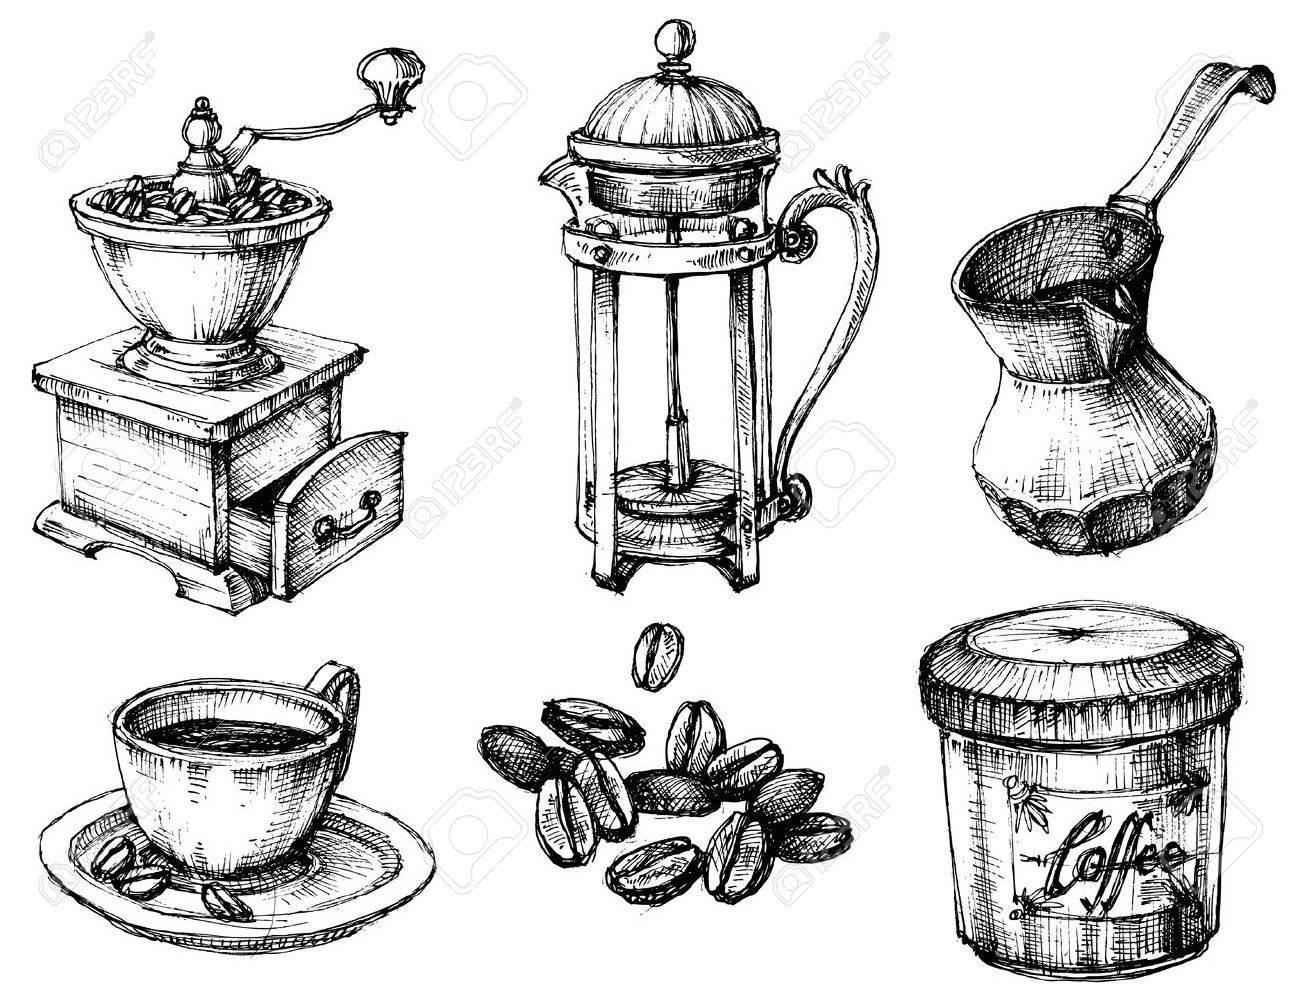 Coffee icons hand drawn set - 46666920